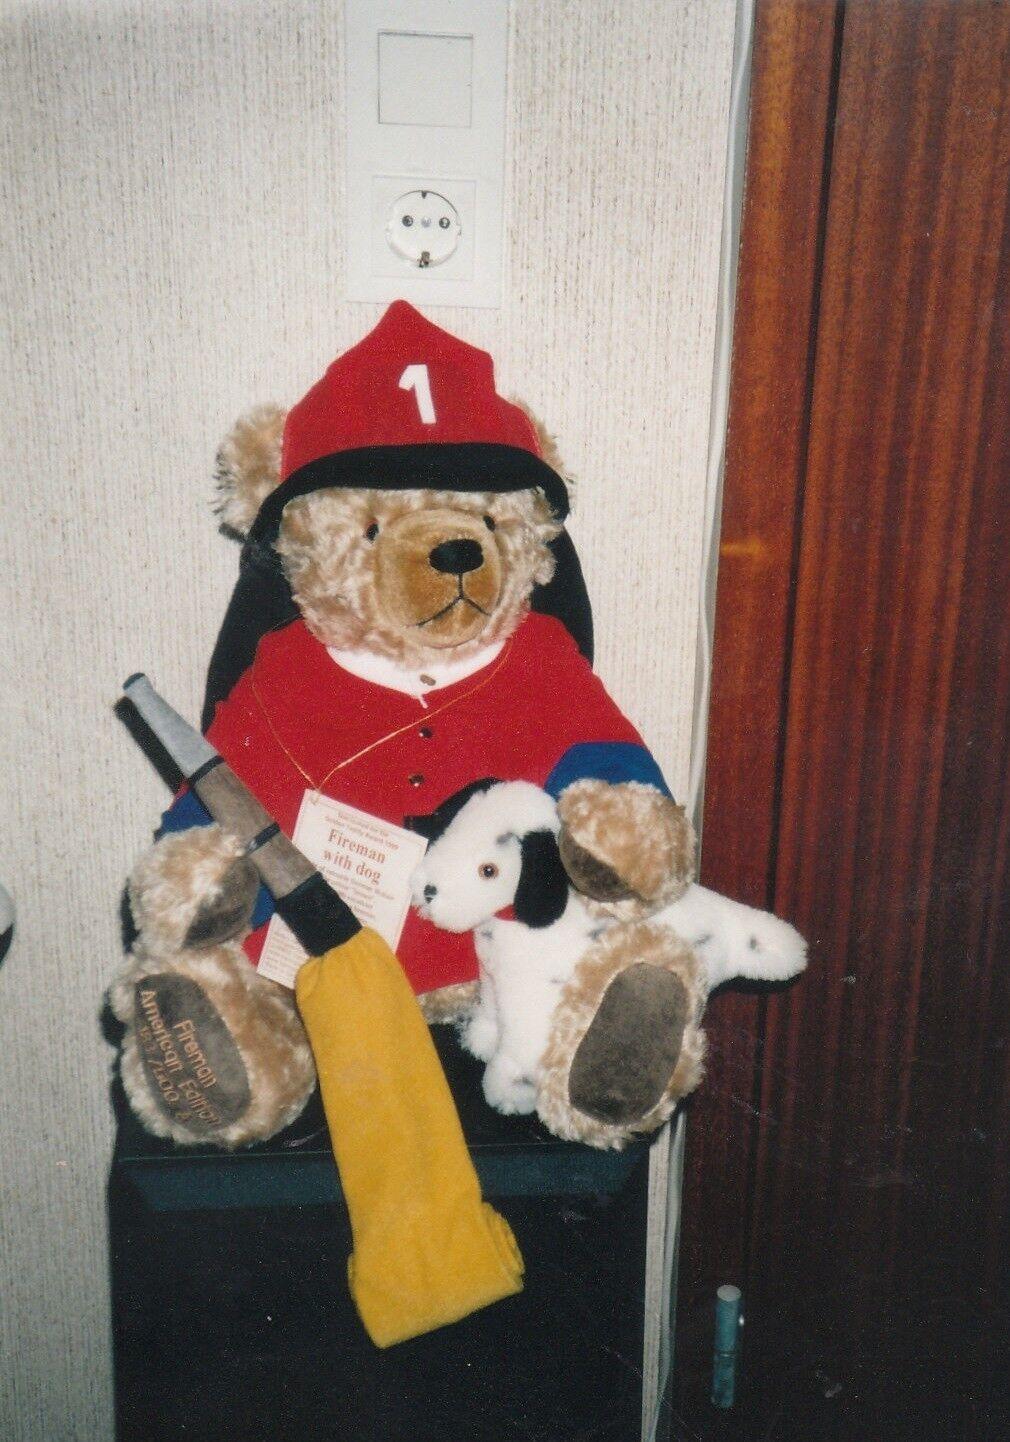 Feuerwehrmann Bär mit Hund von Herrmann Coburg aus 1999. Unbespielt